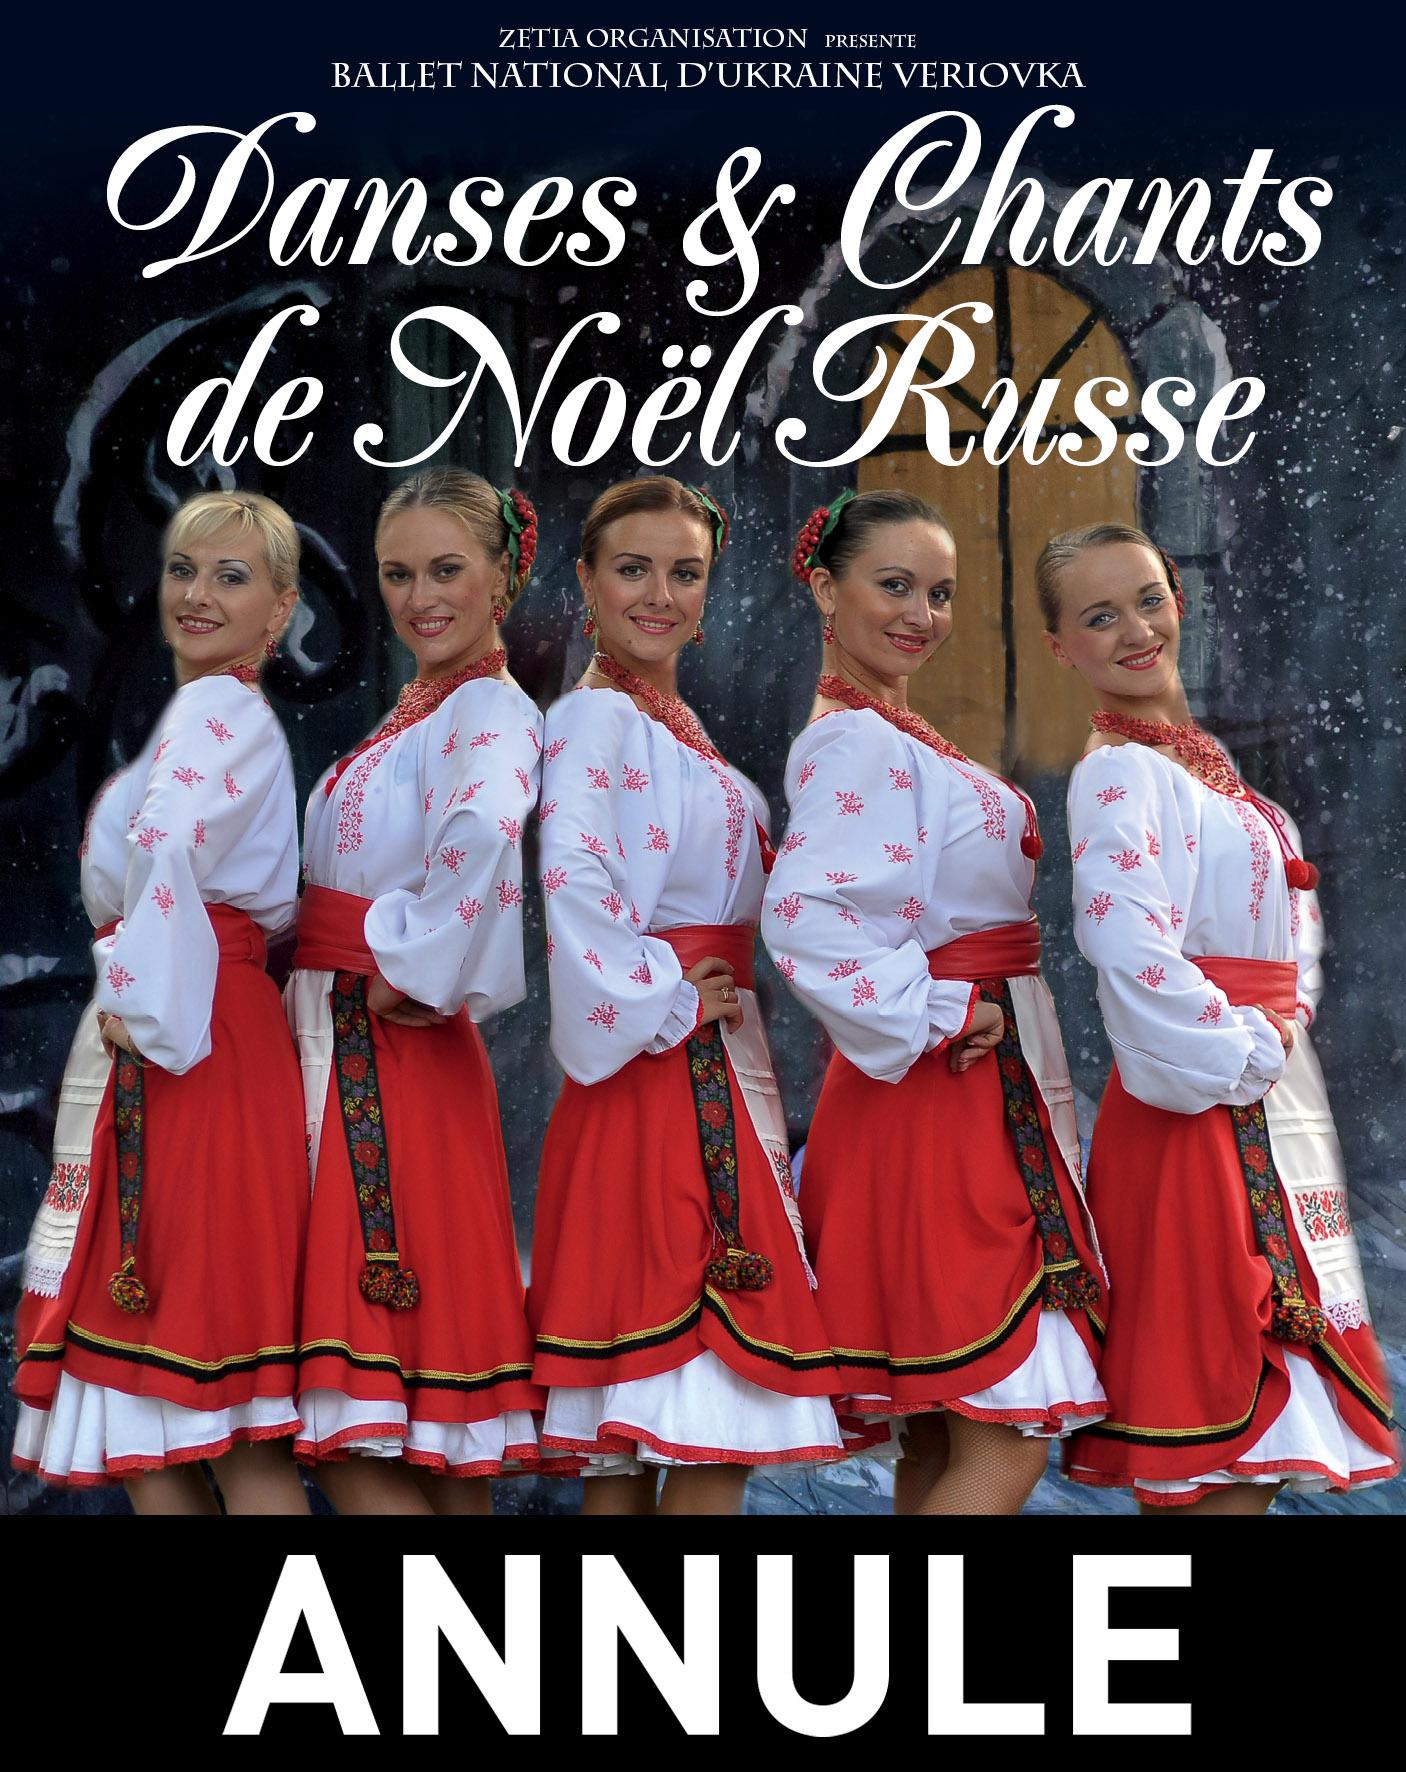 DANSES & CHANTS DE NOËL RUSSE // ANNULE